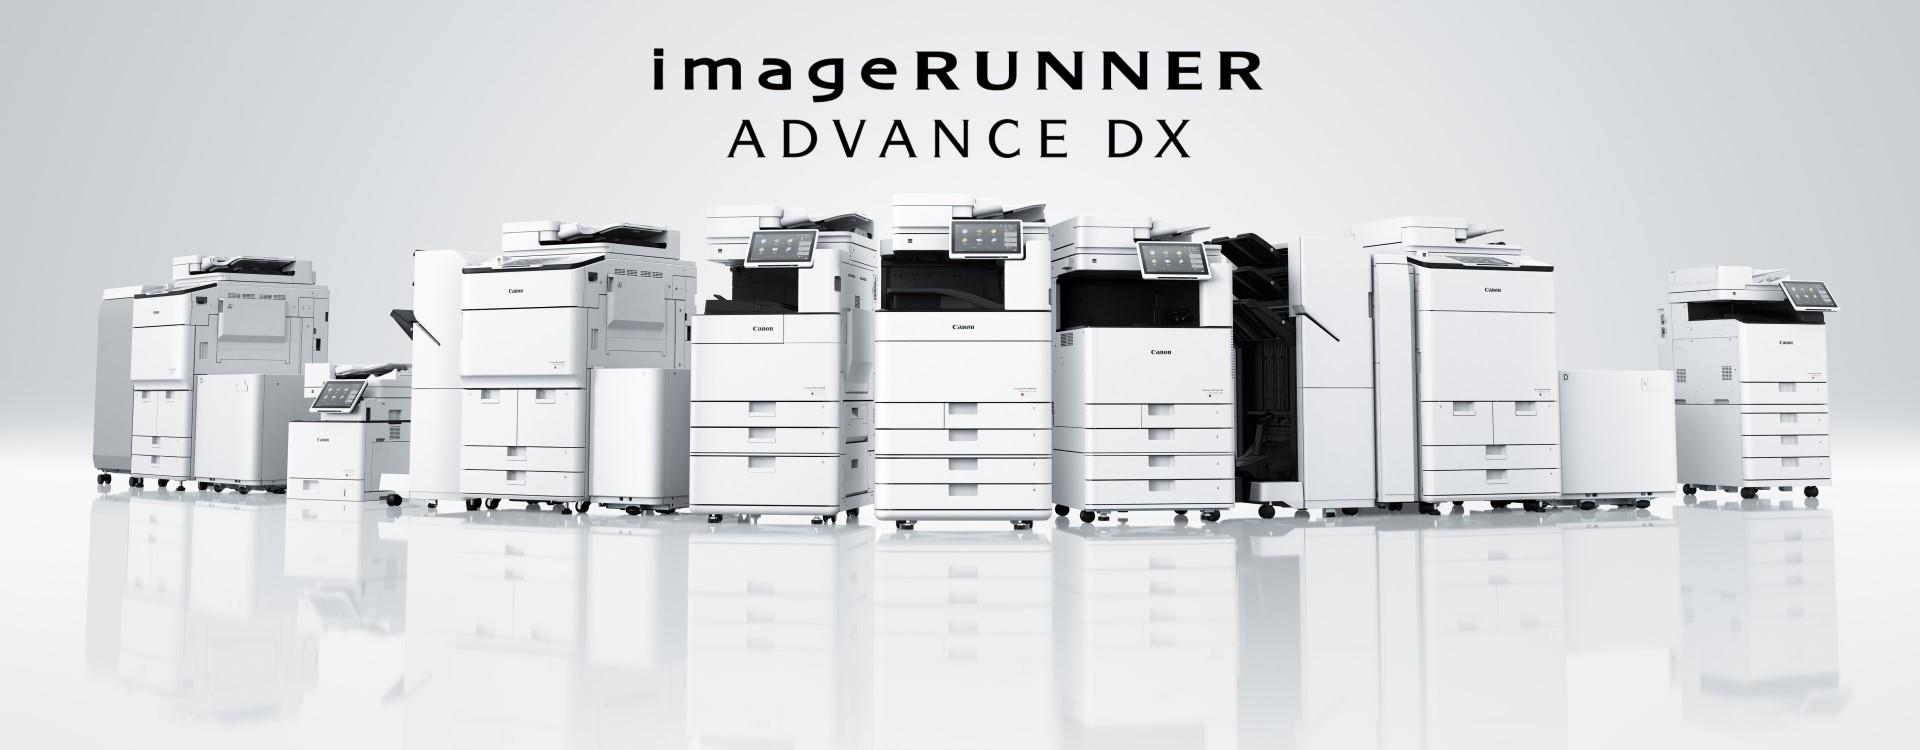 5bfb6b6de8f4482284e1cfcbfc8312ff_imageRUNNER+ADVANCE+DX_Banner+4.jpg